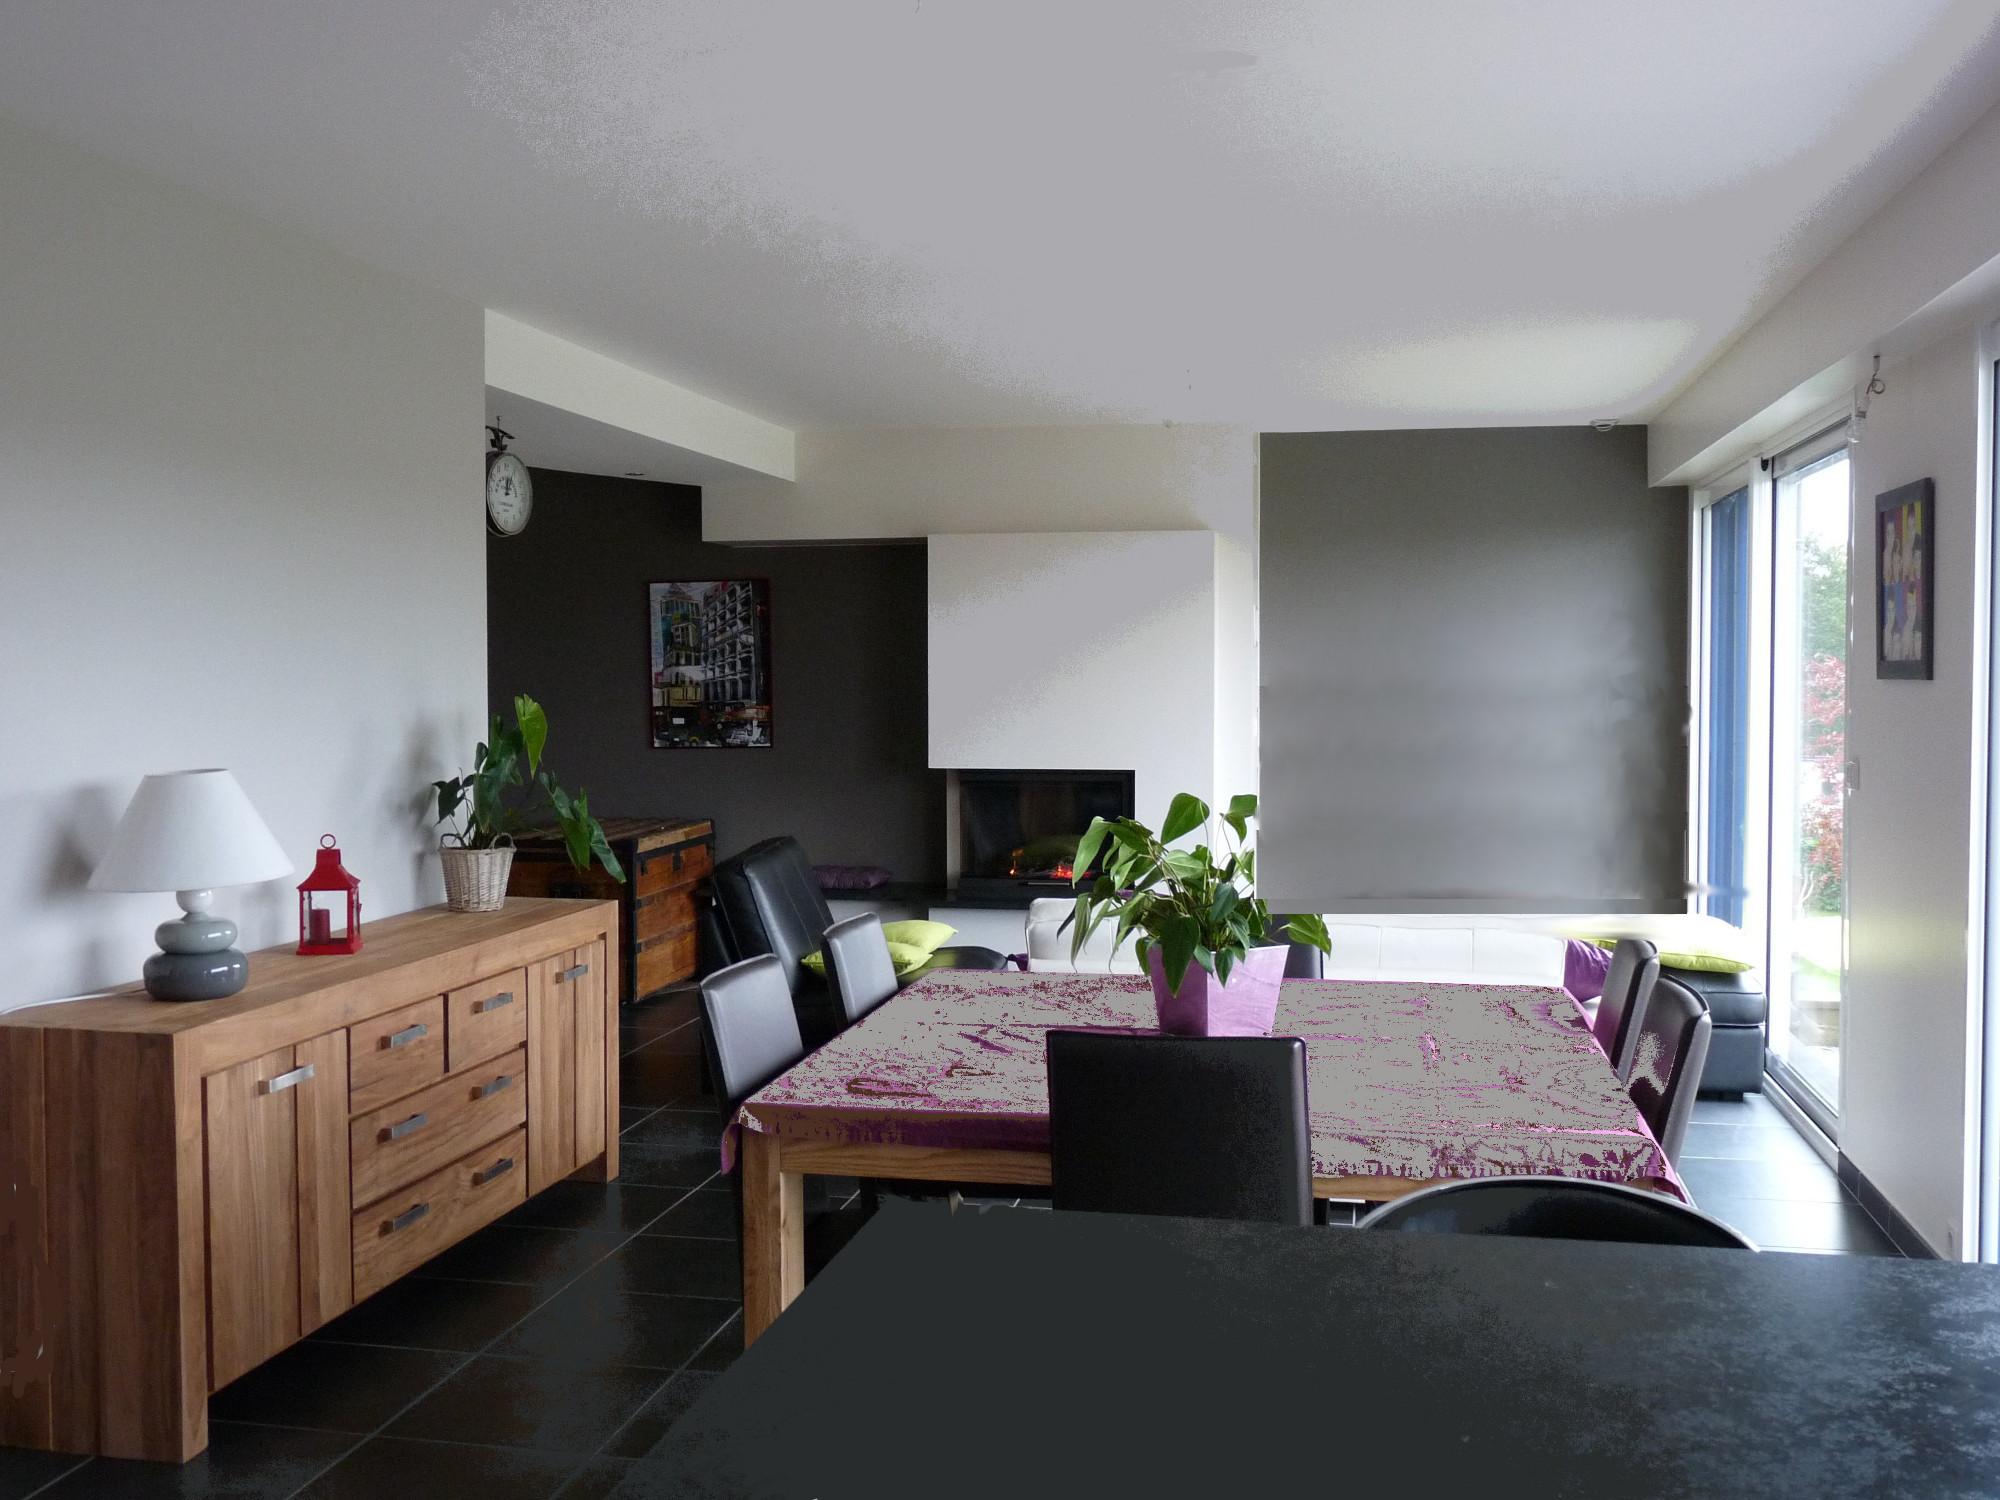 Maison danion architecture int rieure conseil d co for Conseil deco